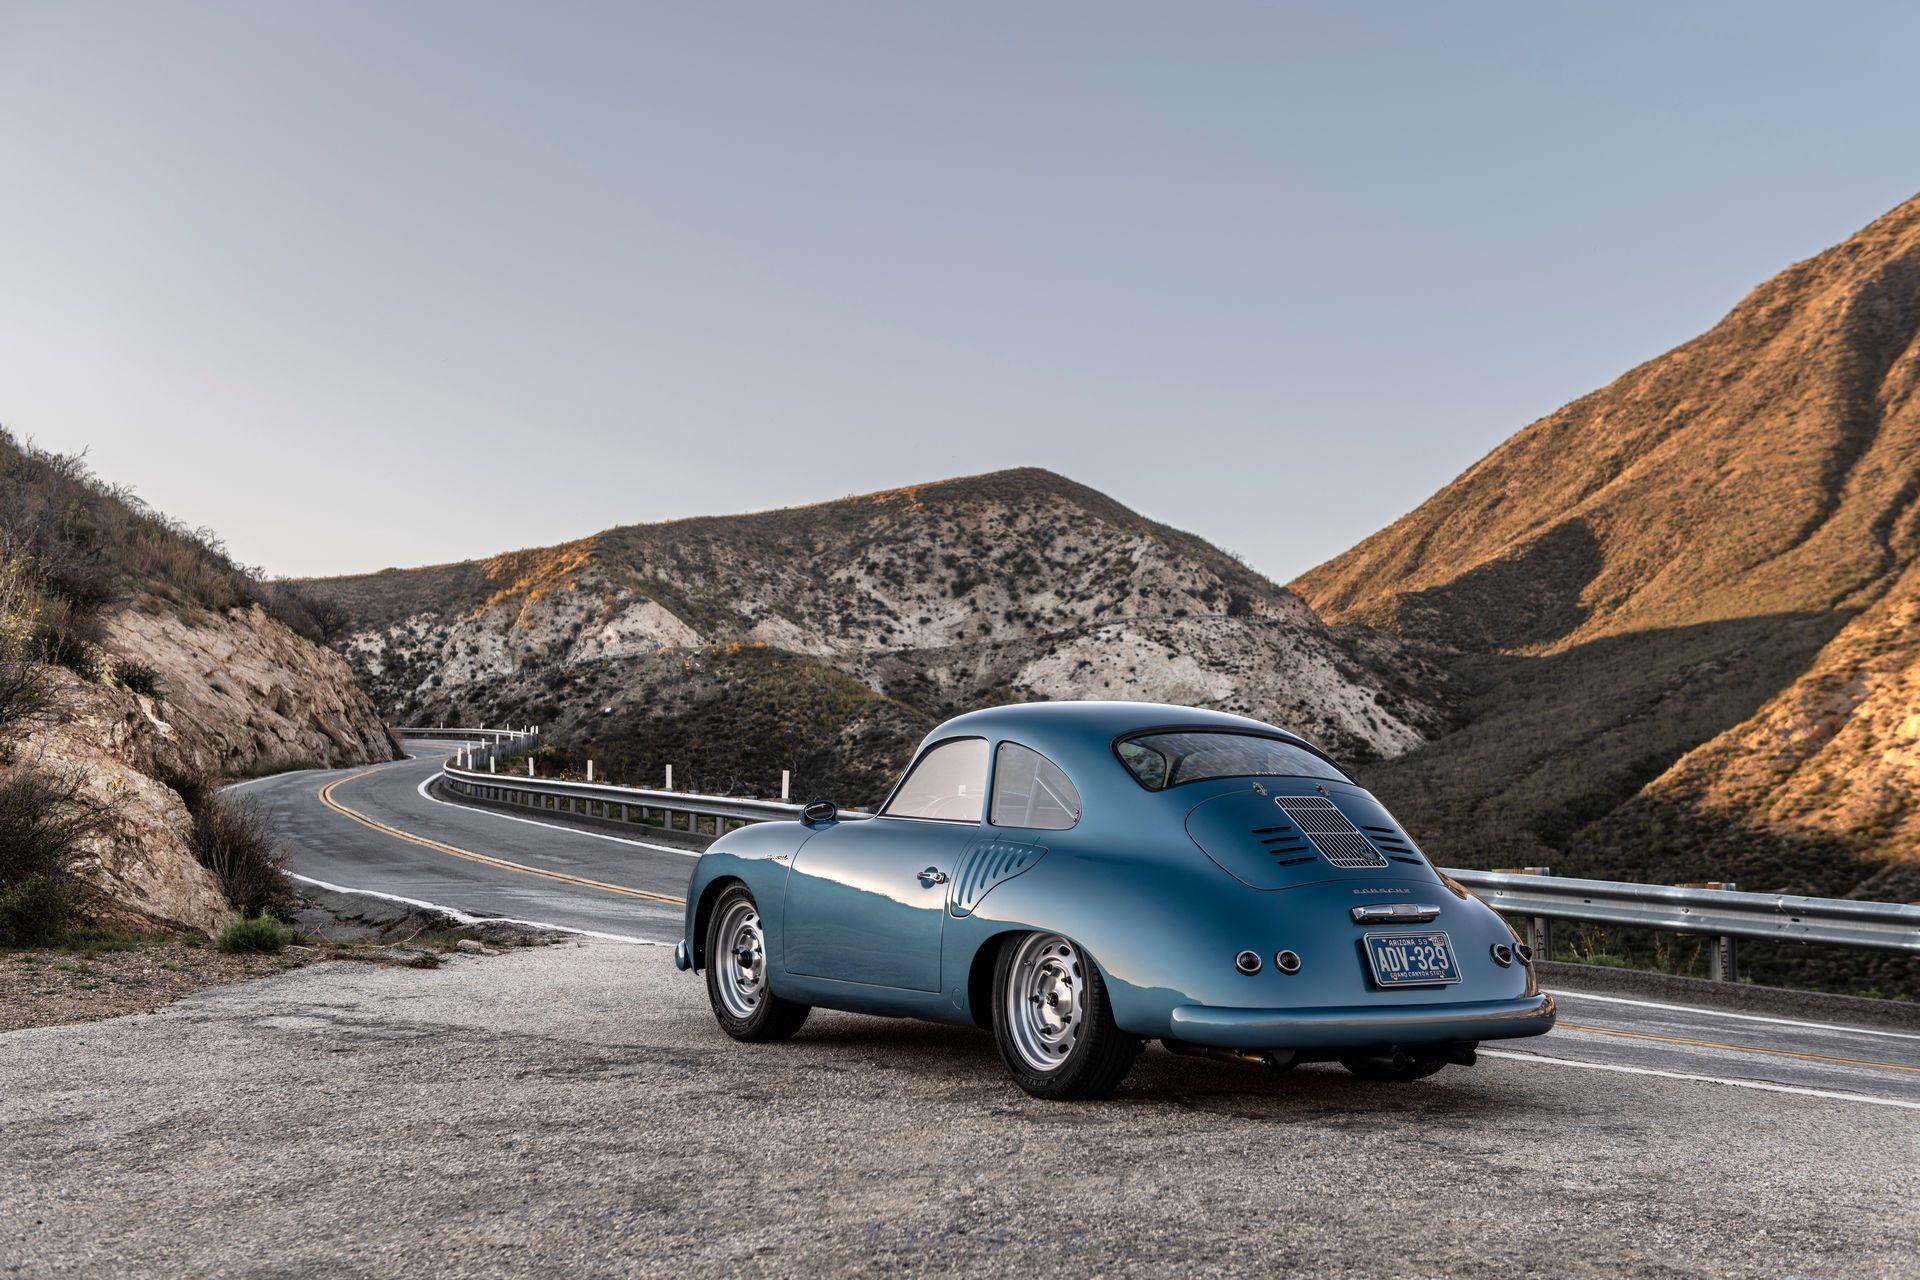 Porsche-356-A-Coupe-Restomod-Emory-Motorsports-4